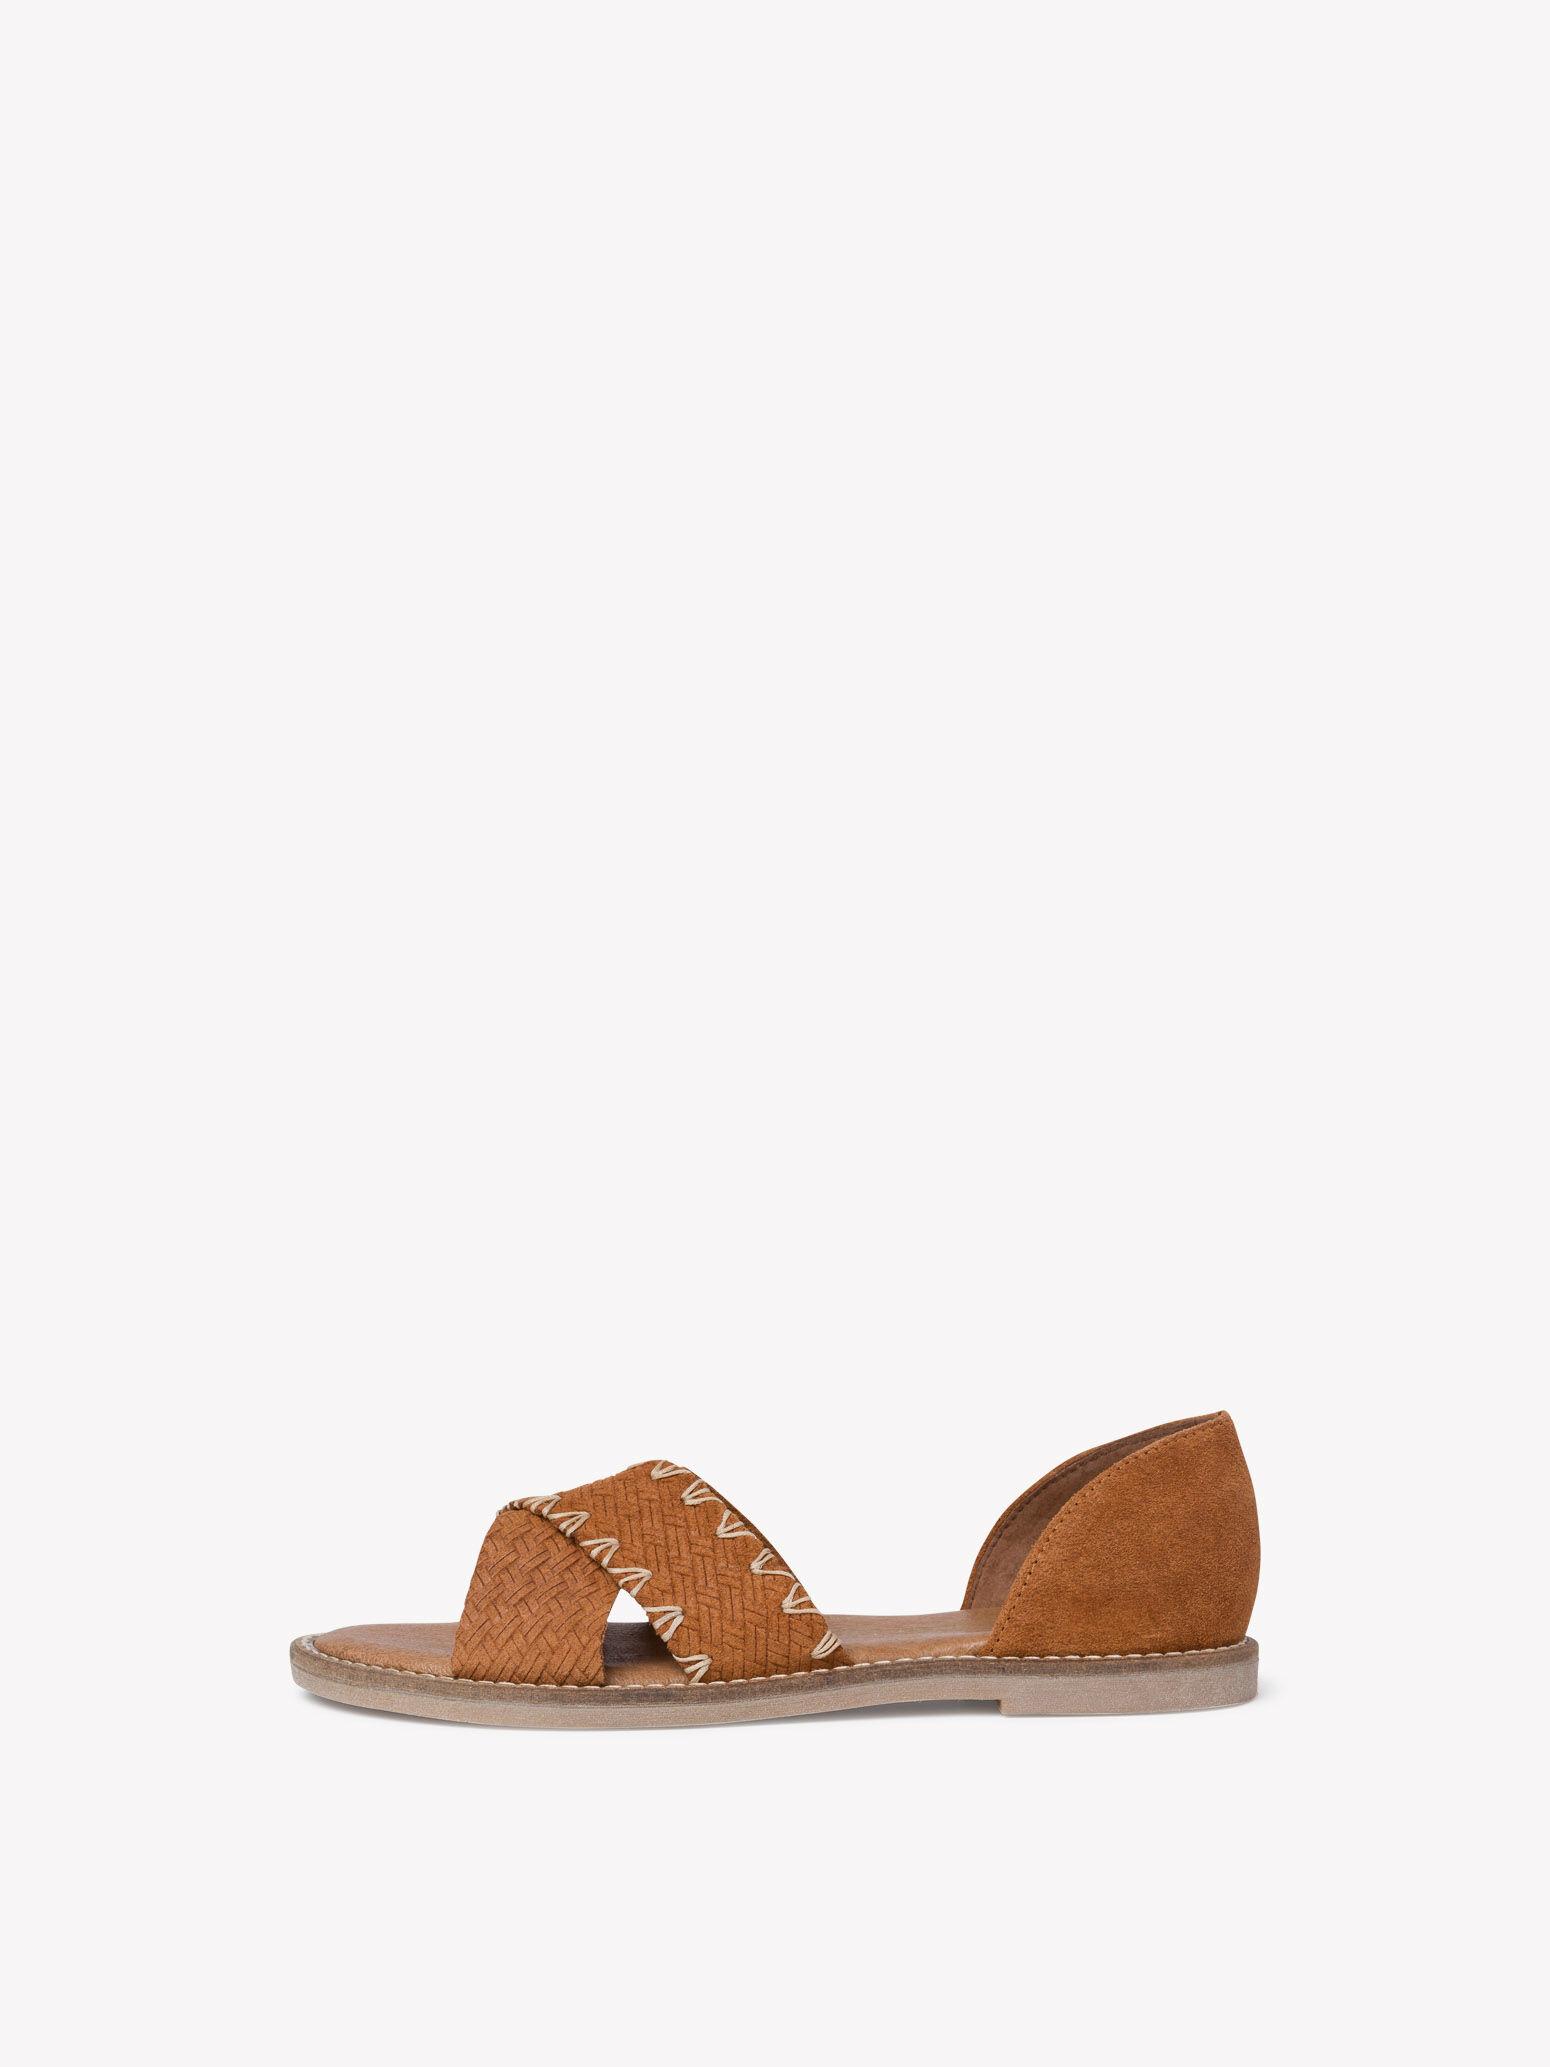 Buy Tamaris Sandals online now!